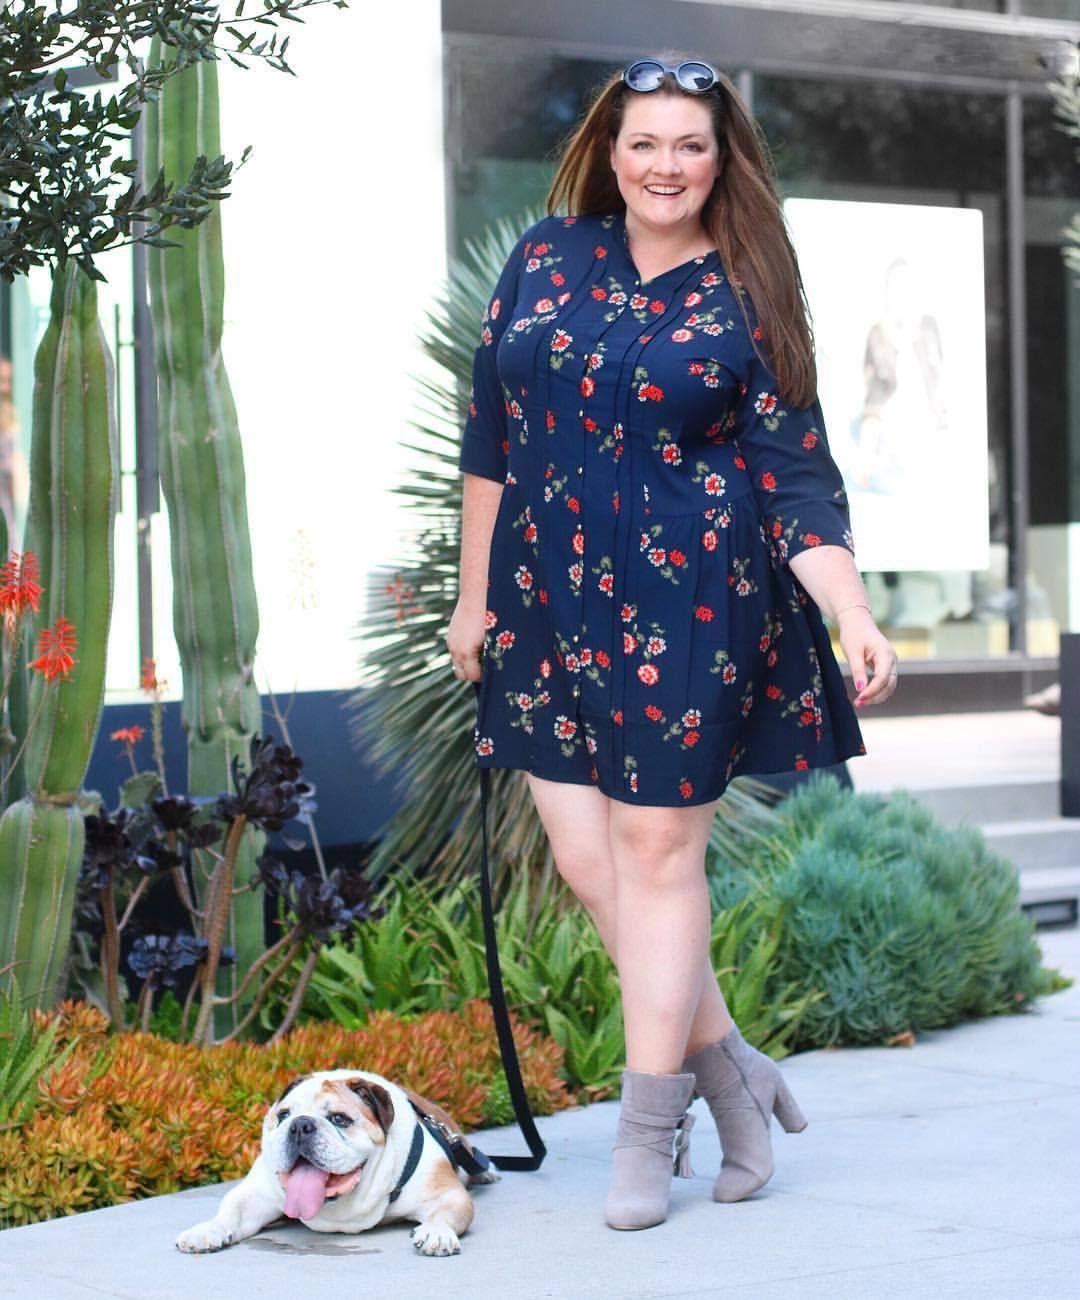 Plus size fashion for women plus size pinterest woman